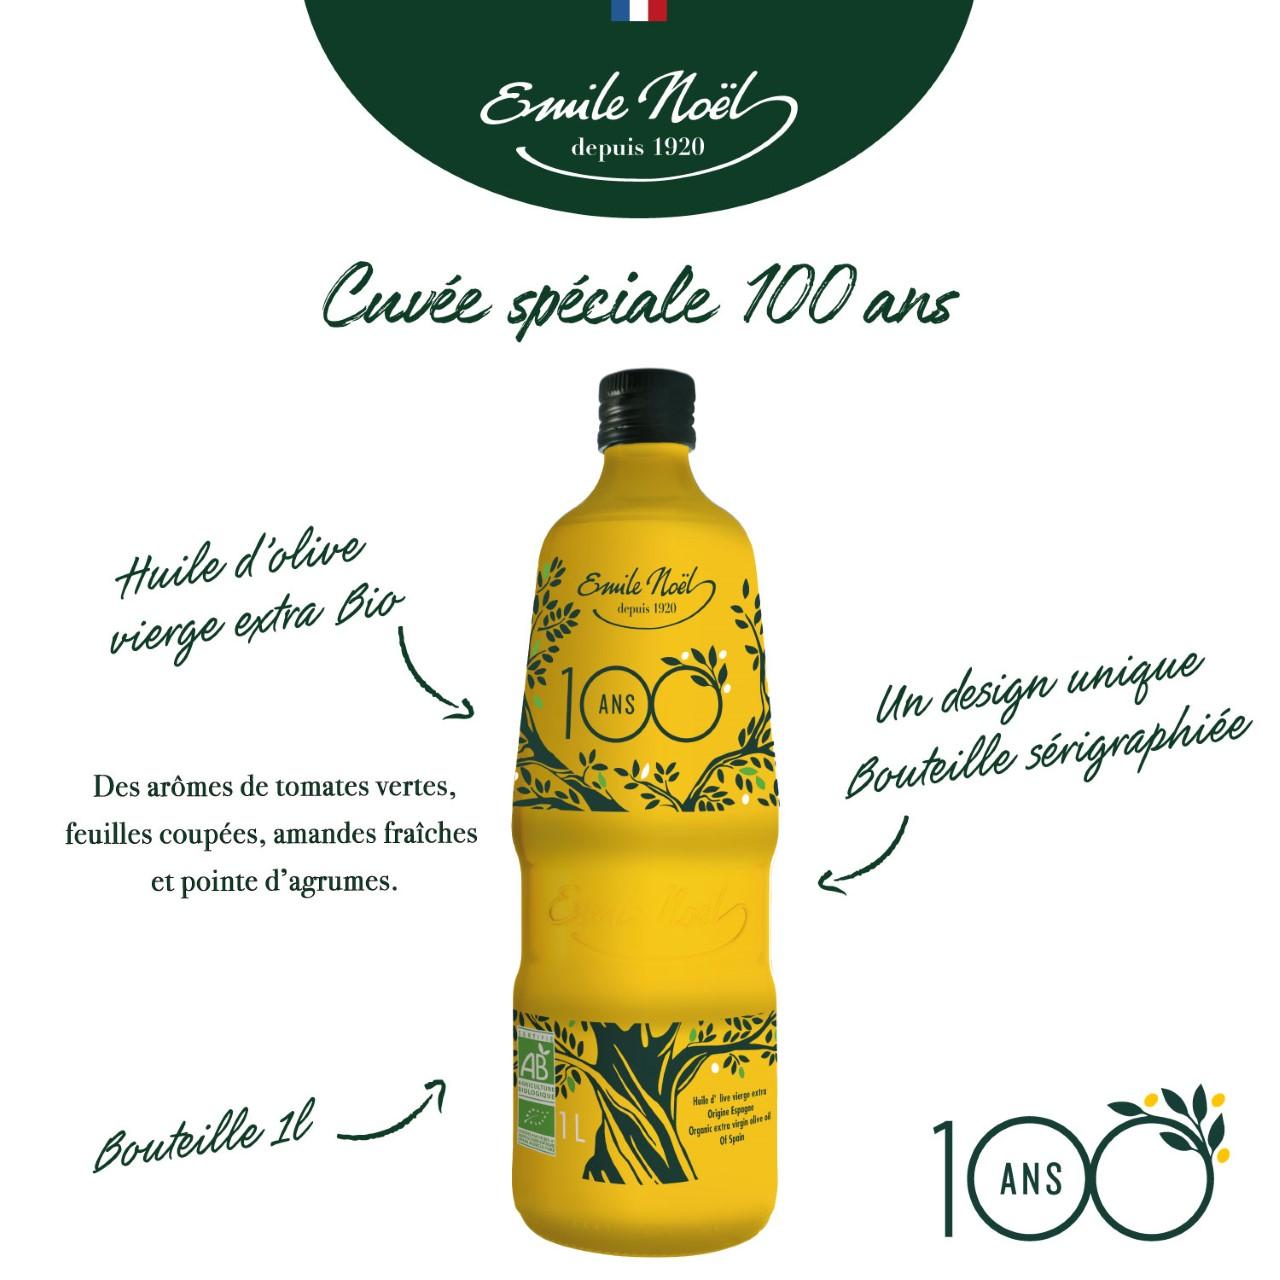 actualité bouteille 100 ans Emile Noel Groupe Emile